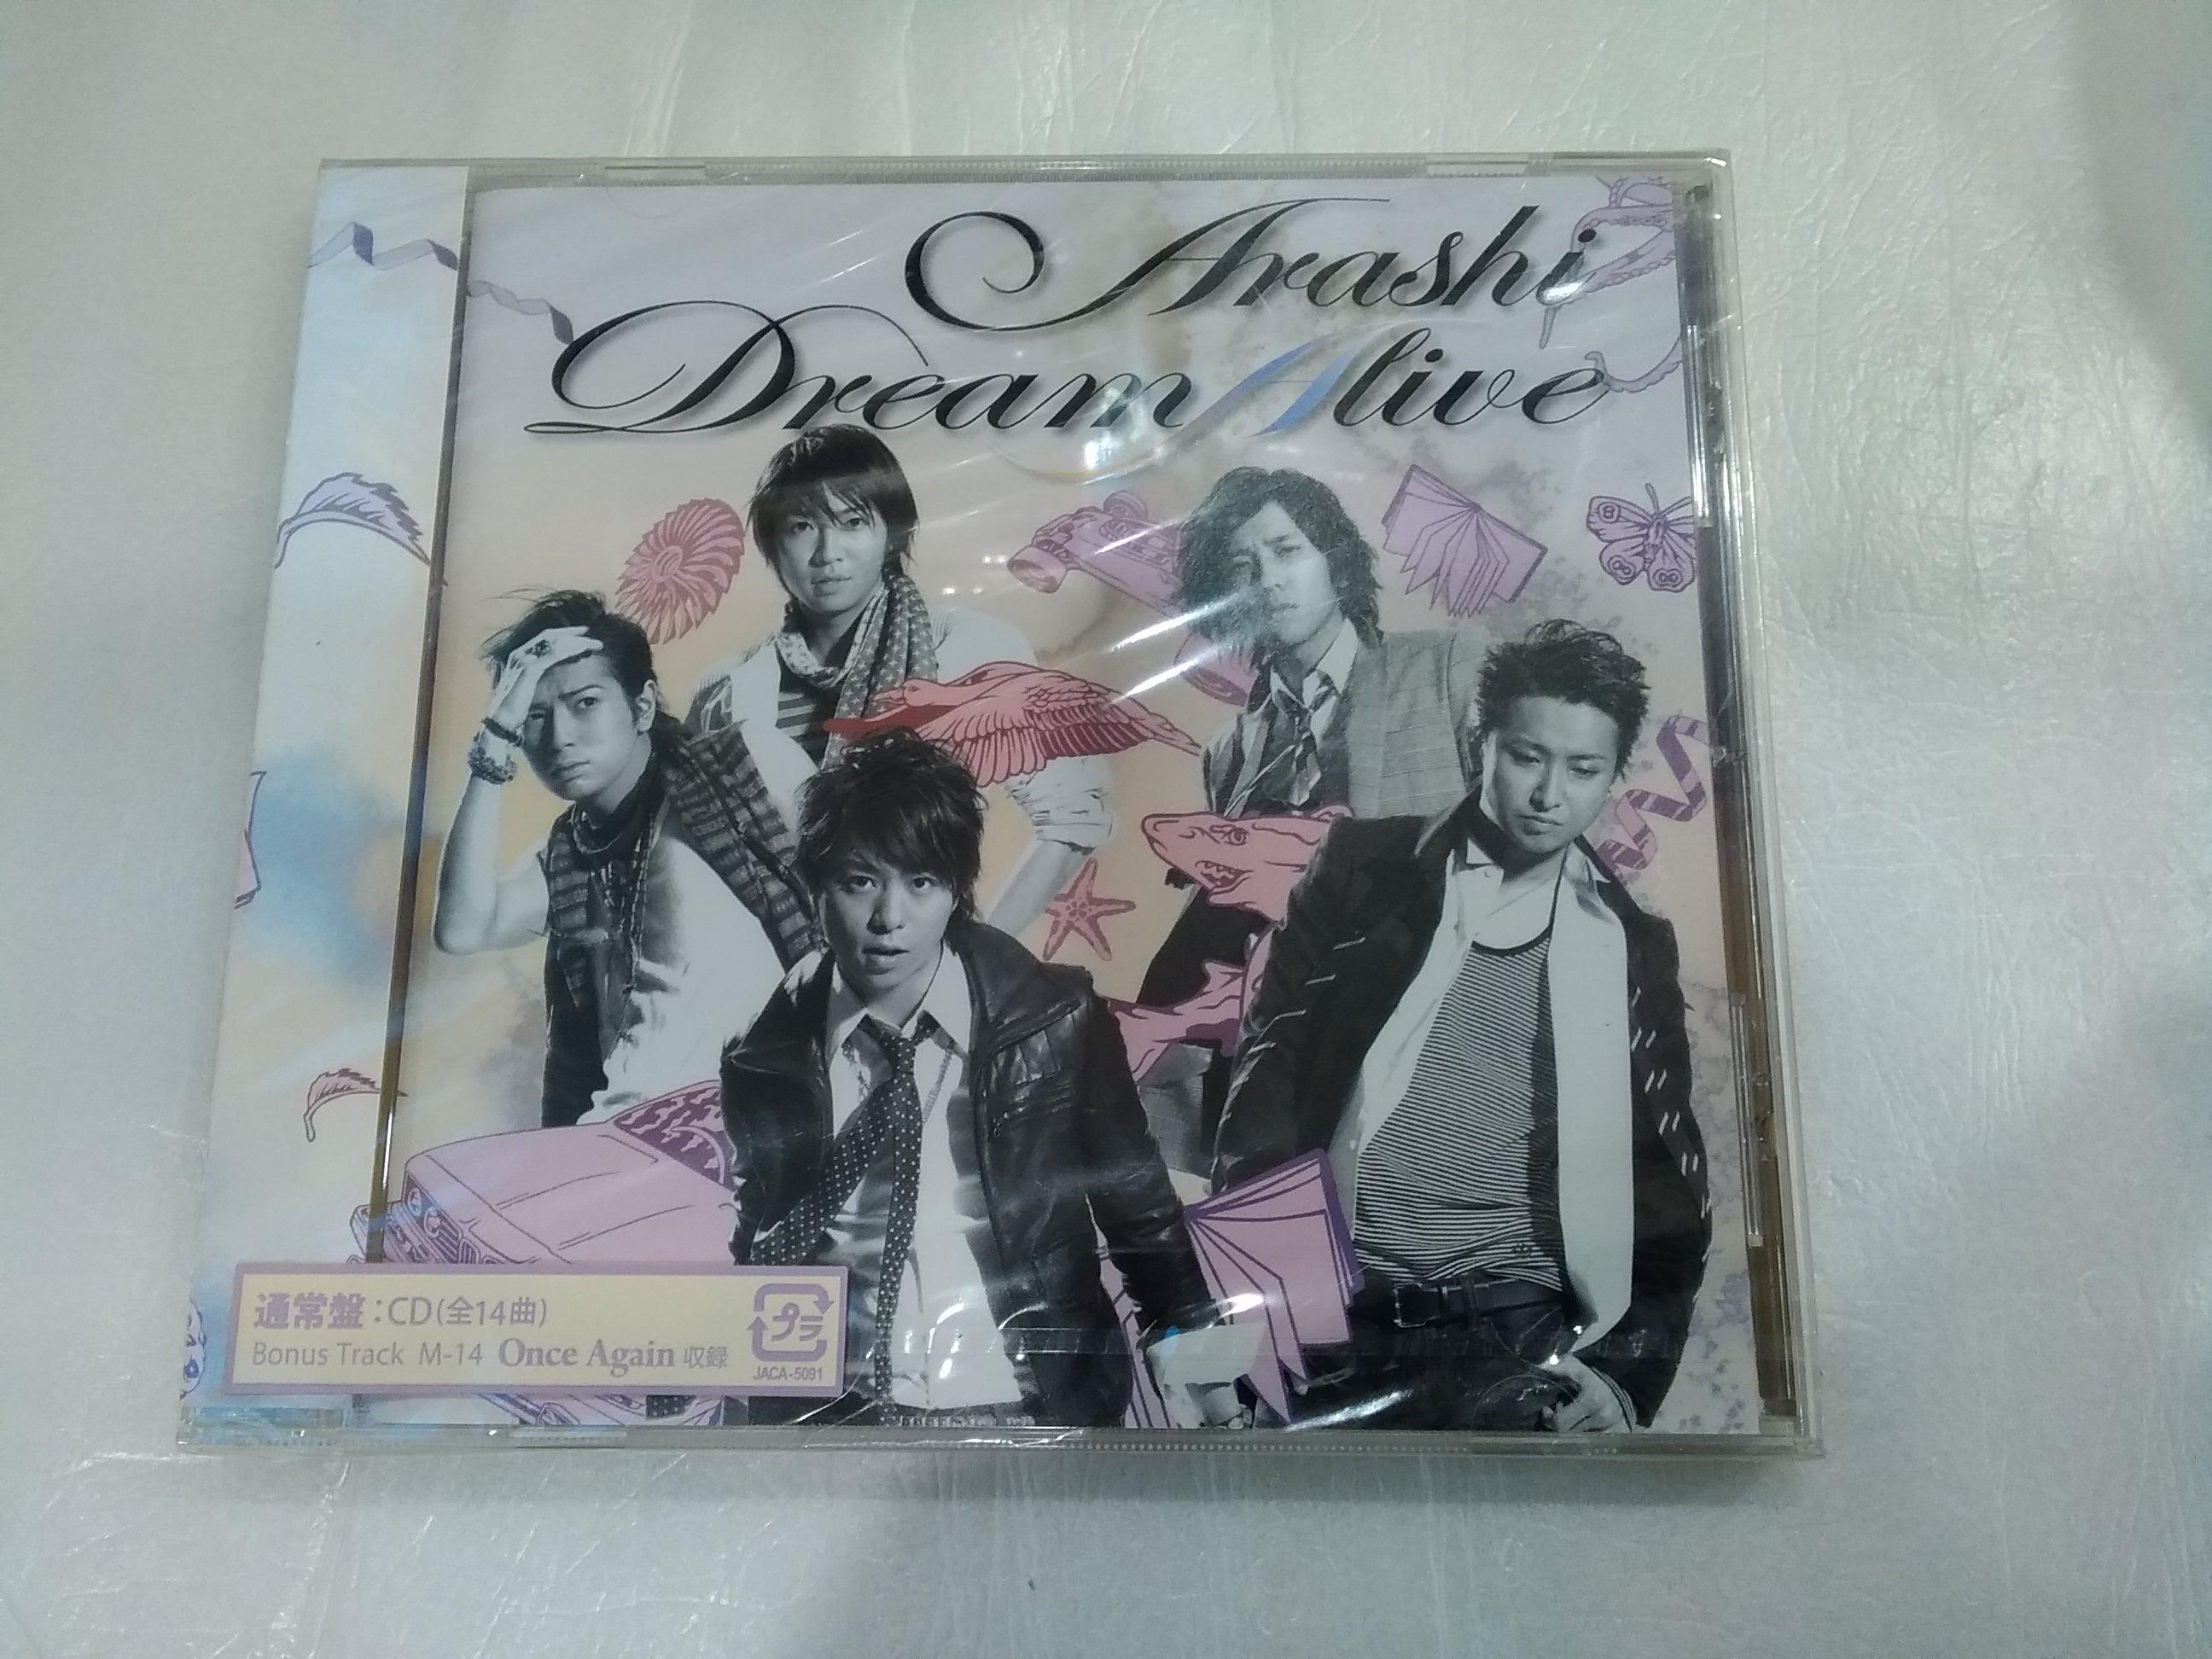 【未開封品】ARASHI DREAM A LIVE〔通常版〕|J STORM